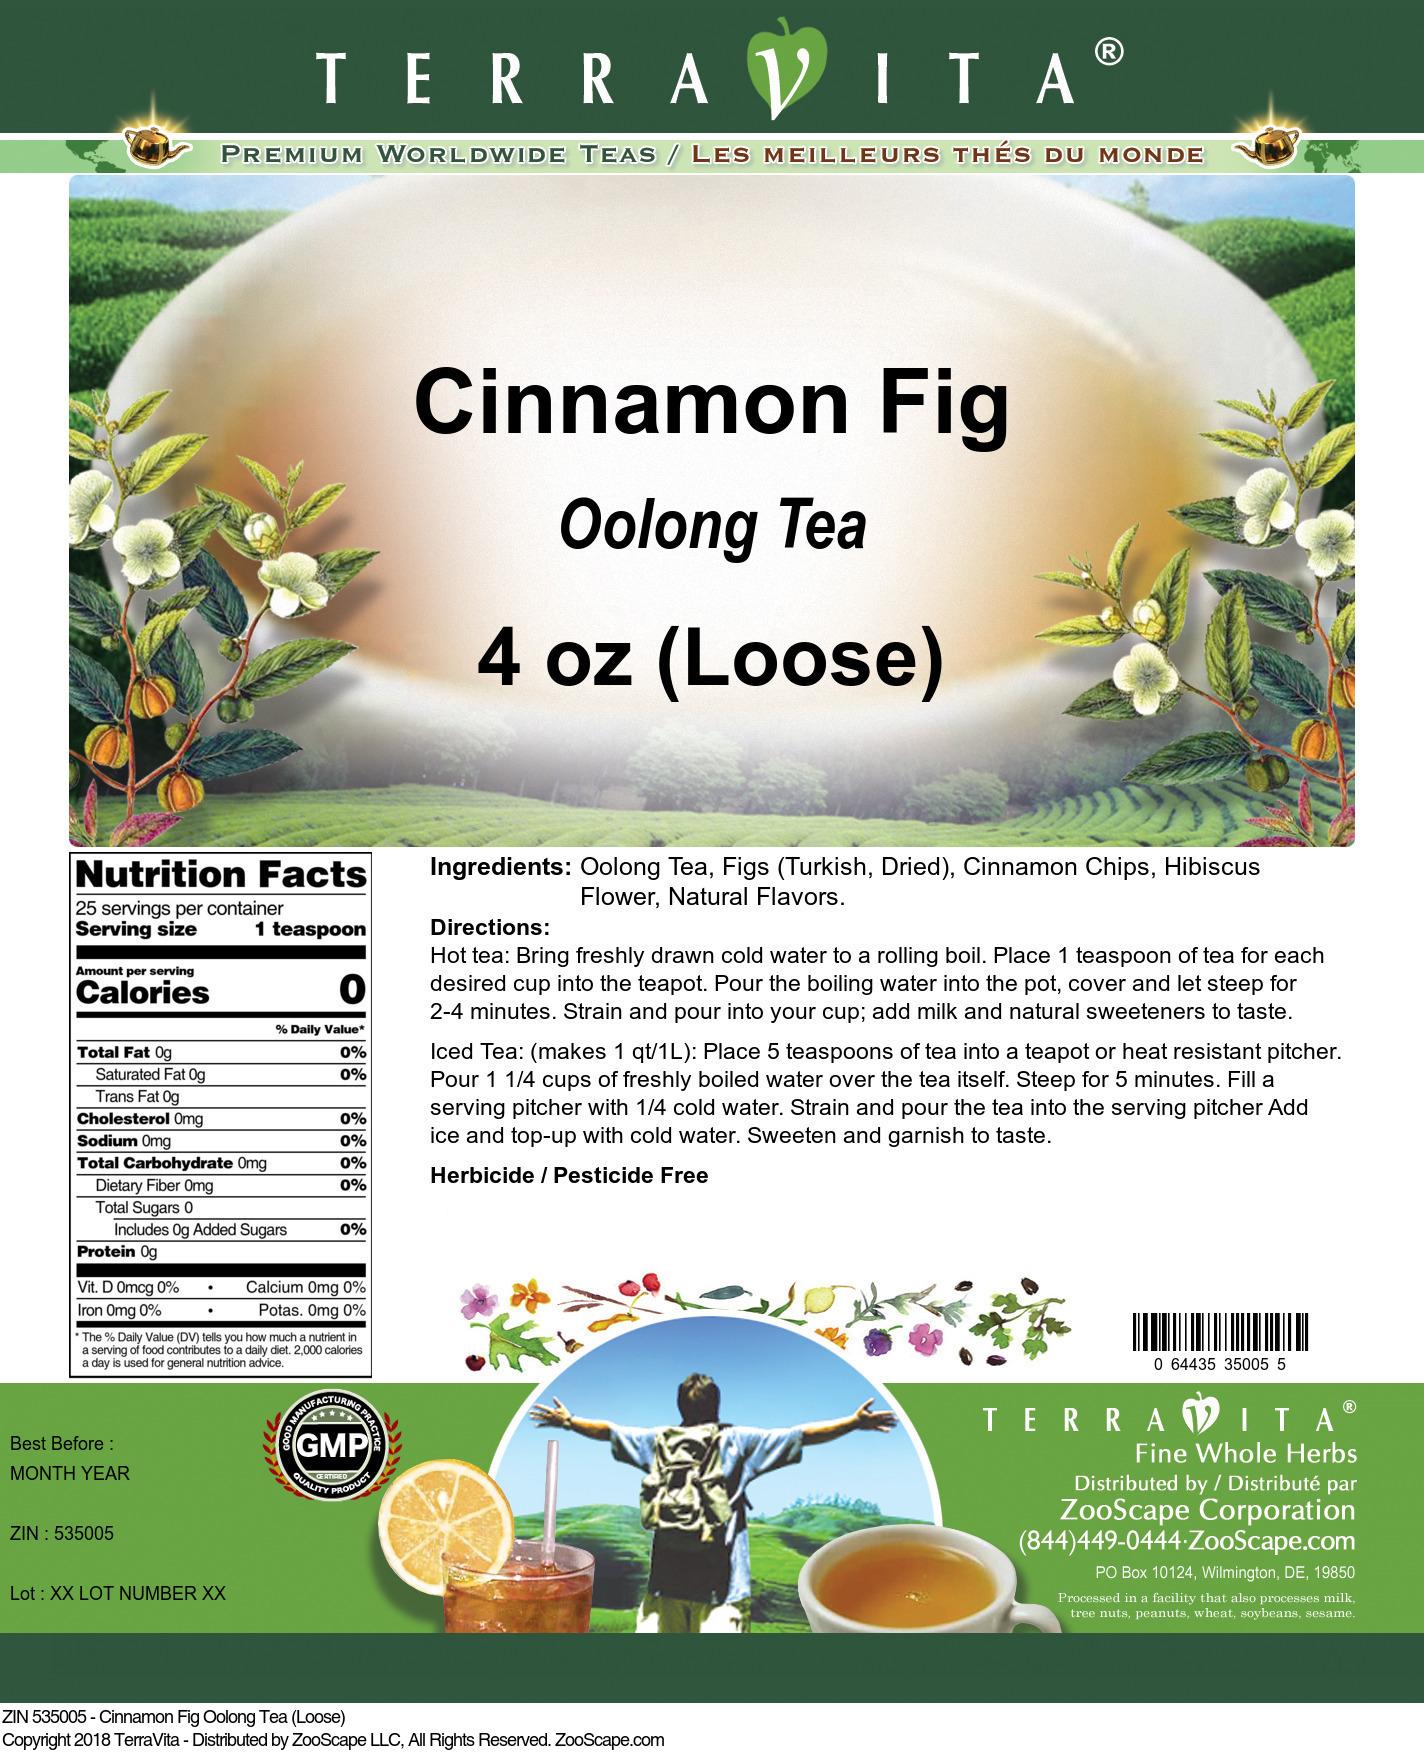 Cinnamon Fig Oolong Tea